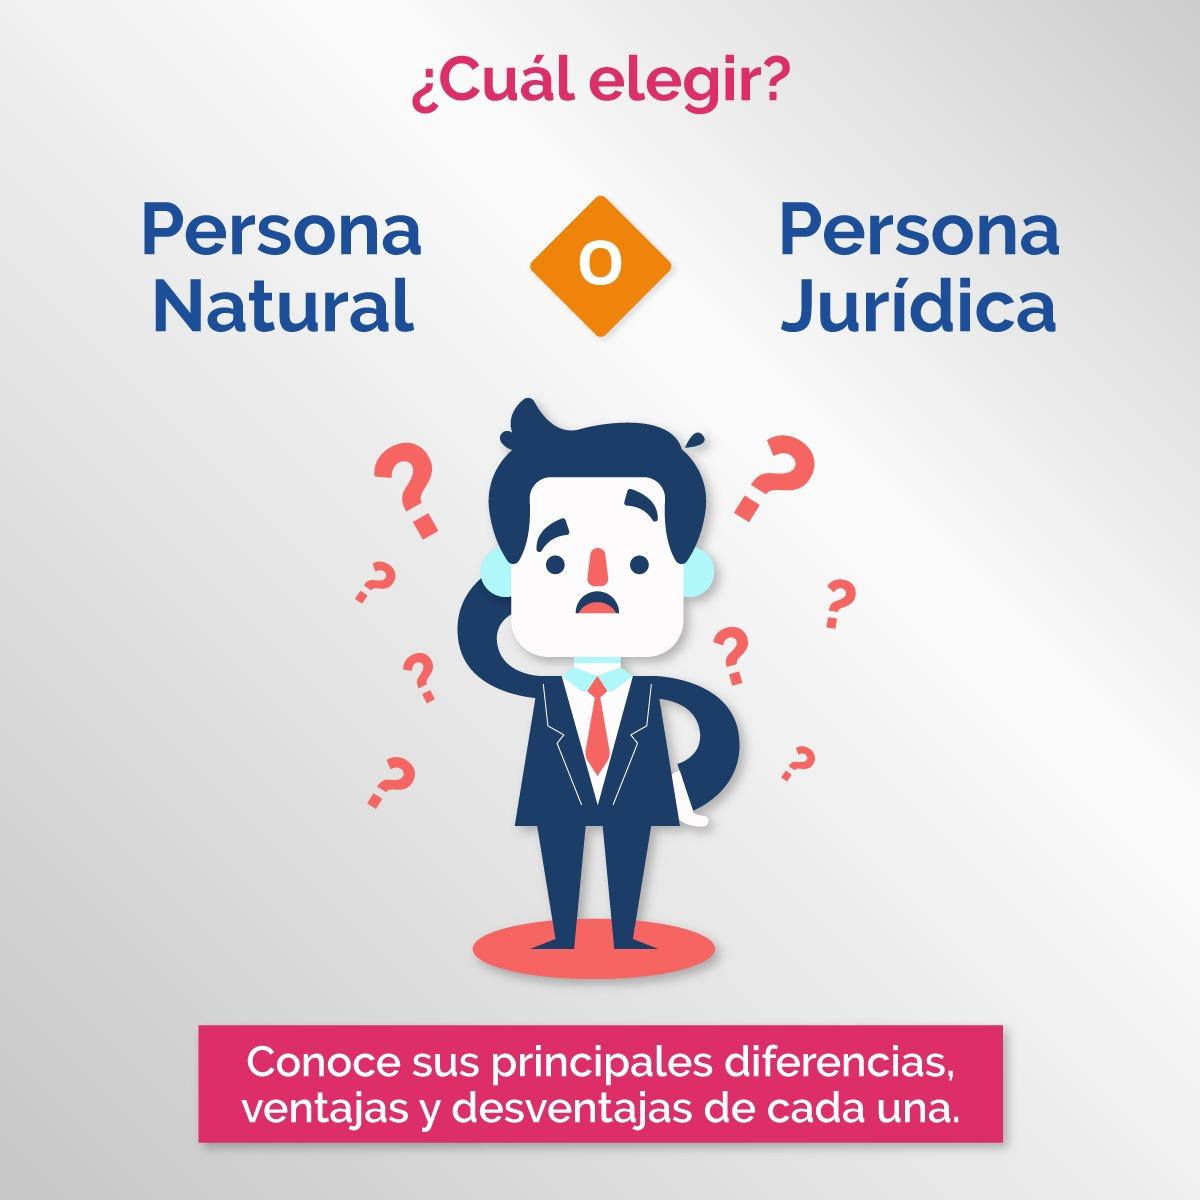 ¿Cuáles son las diferencias entre una persona natural y una persona jurídica?